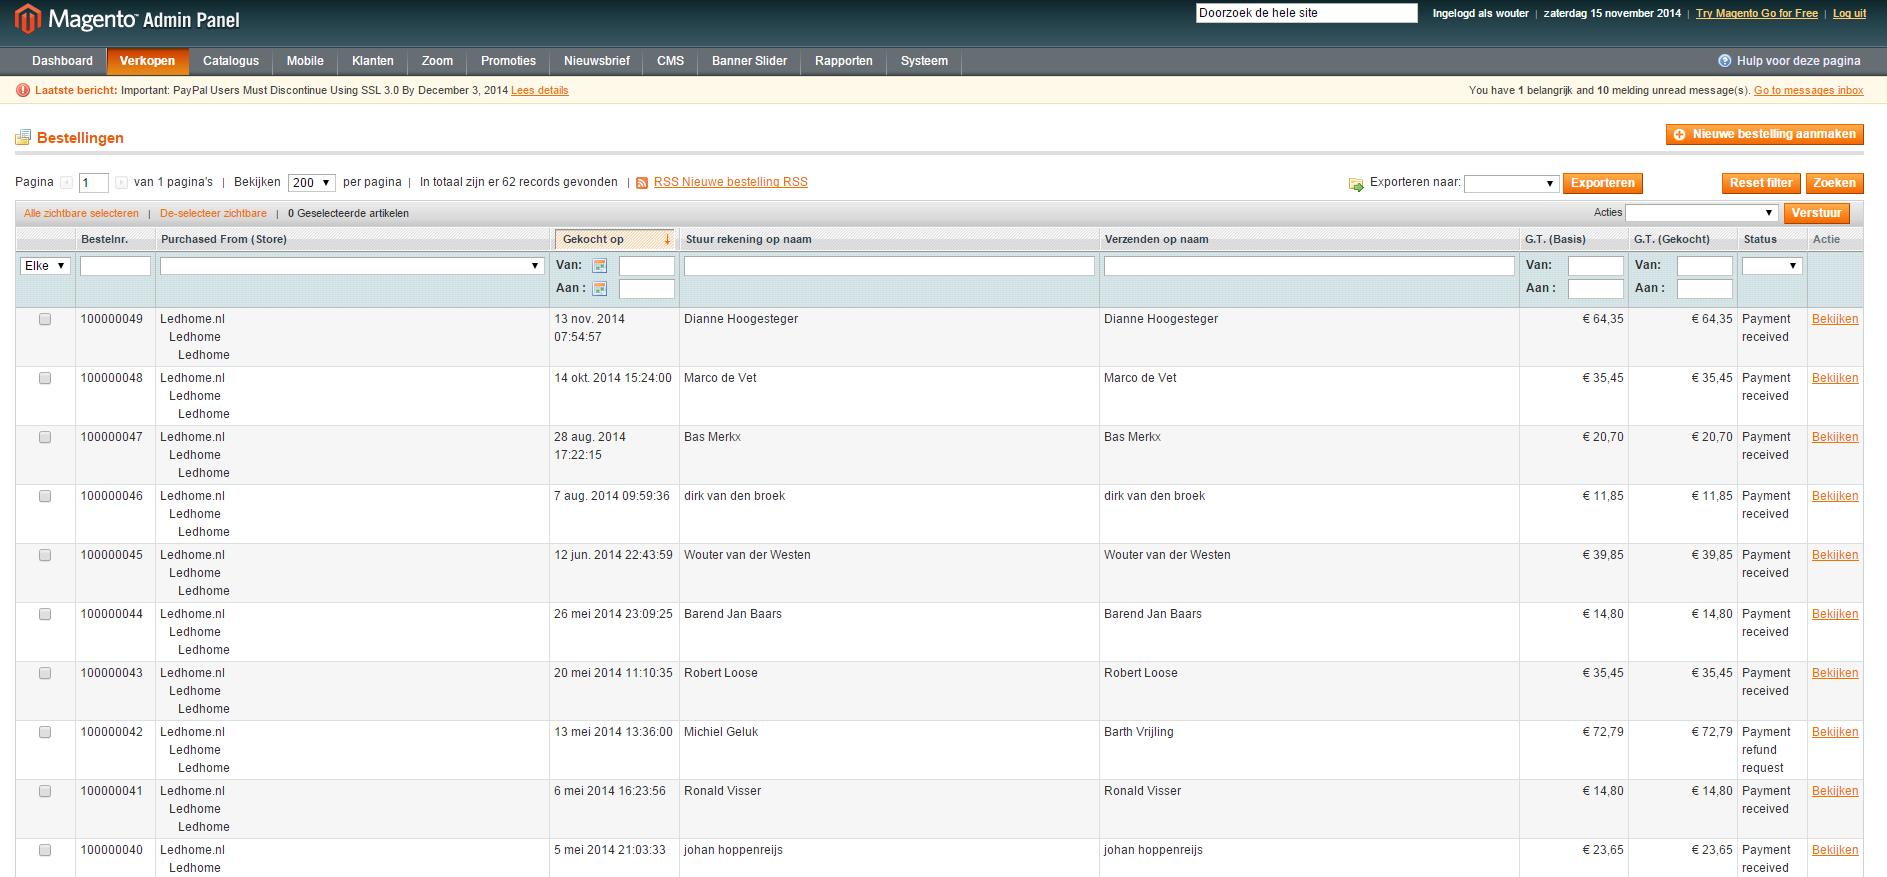 https://www.sitedeals.nl/attachments/website-te-koop/50958d1416070693-zeer-complete-magento-led-verlichting-webshop-dropshipping-2014-15_1756-png